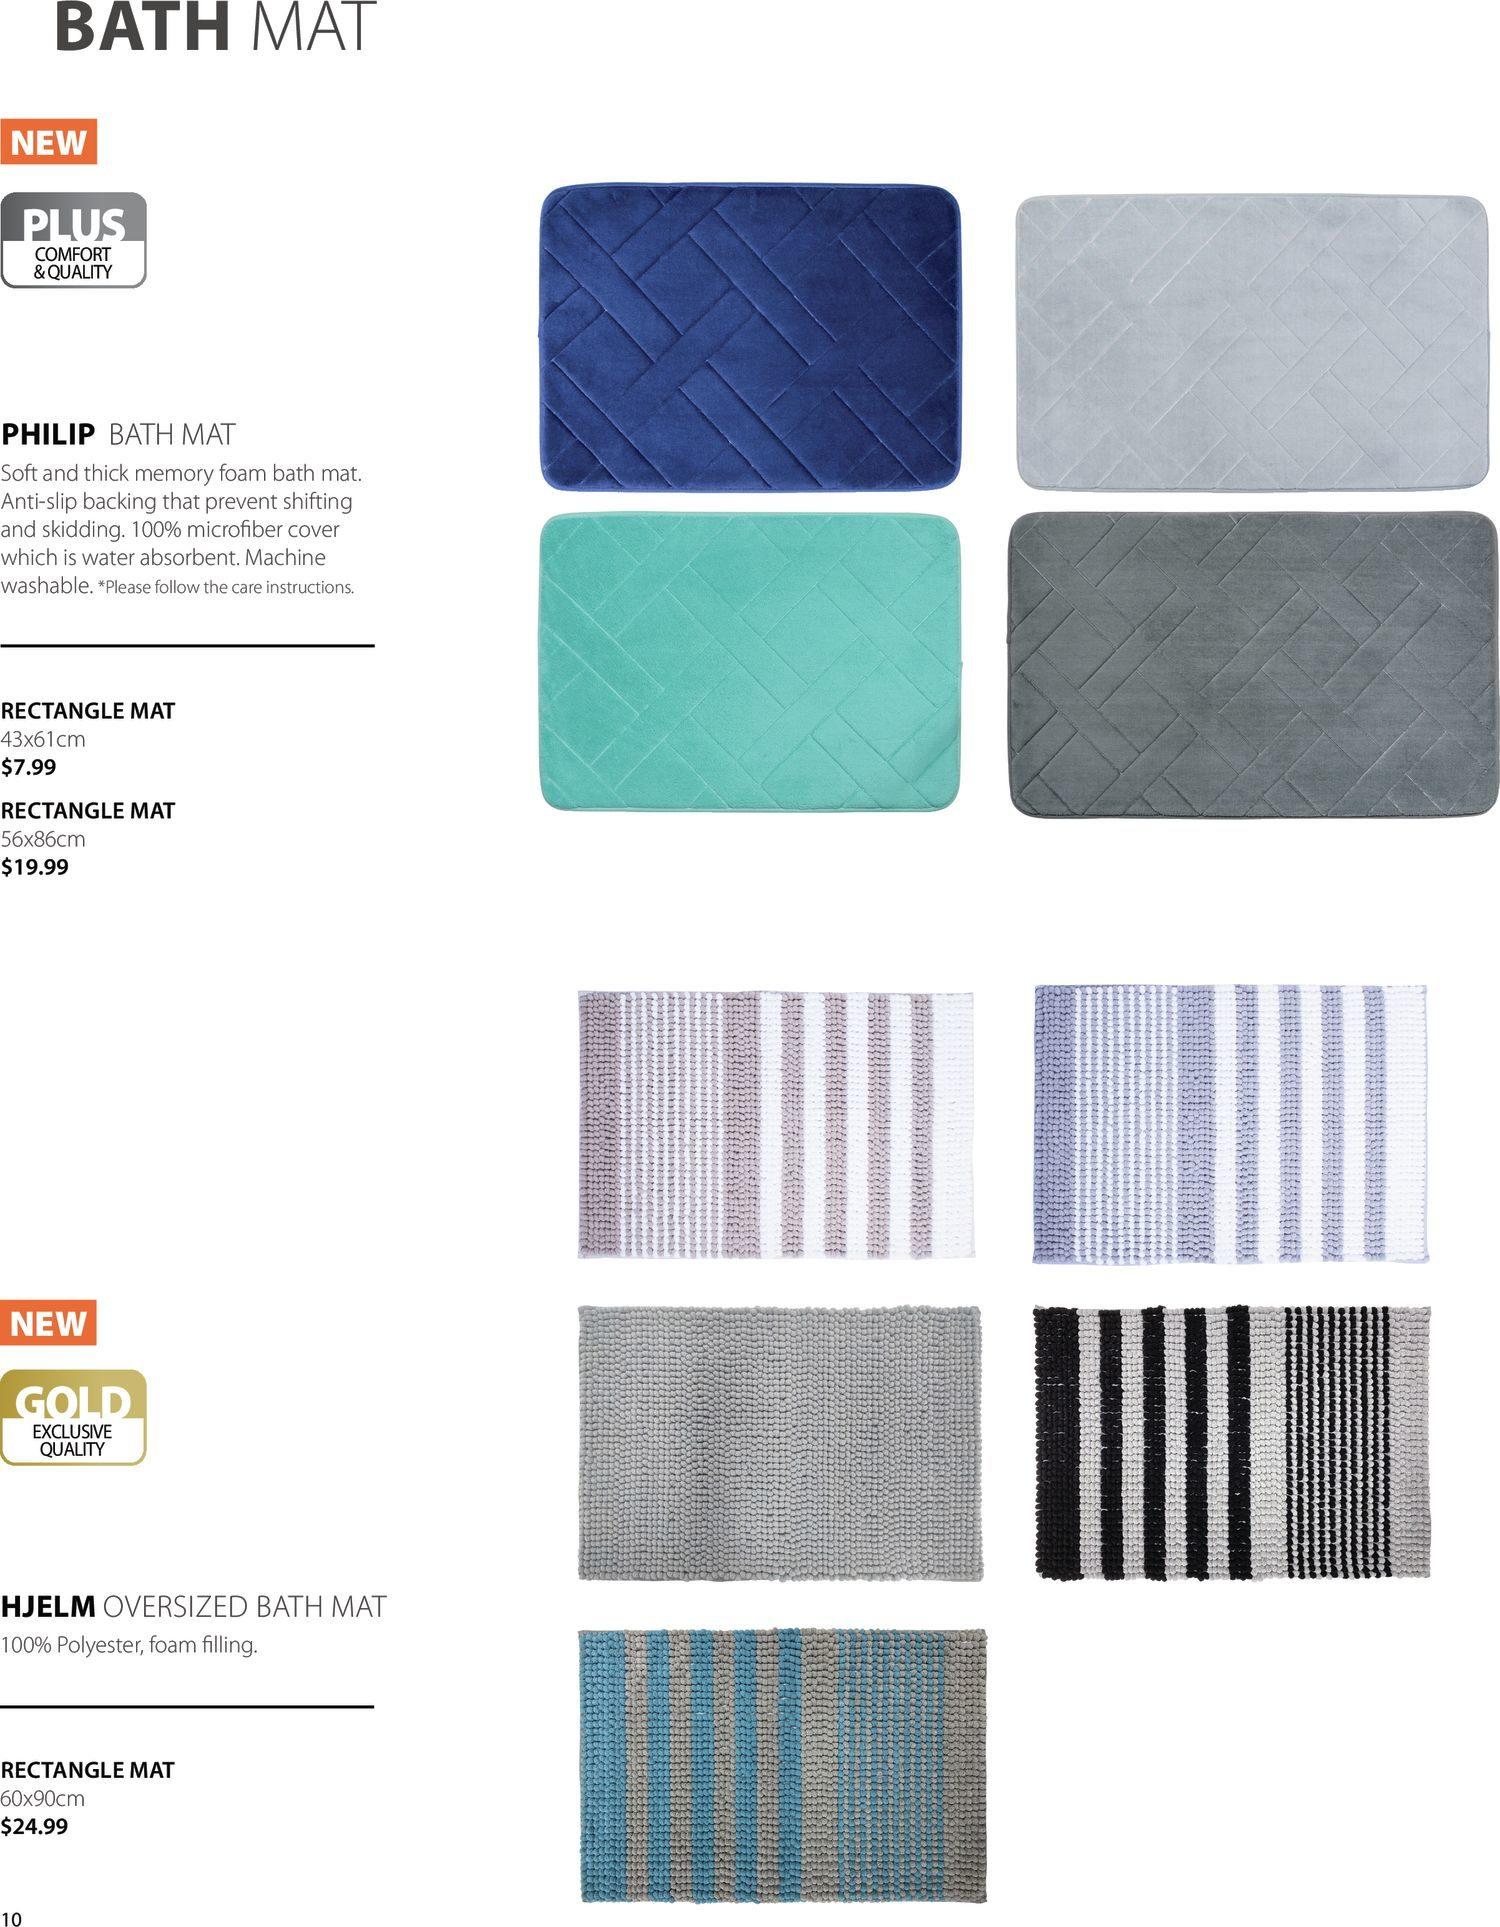 Jysk - Bathroom Accessories Catalogue 2021 - Page 10